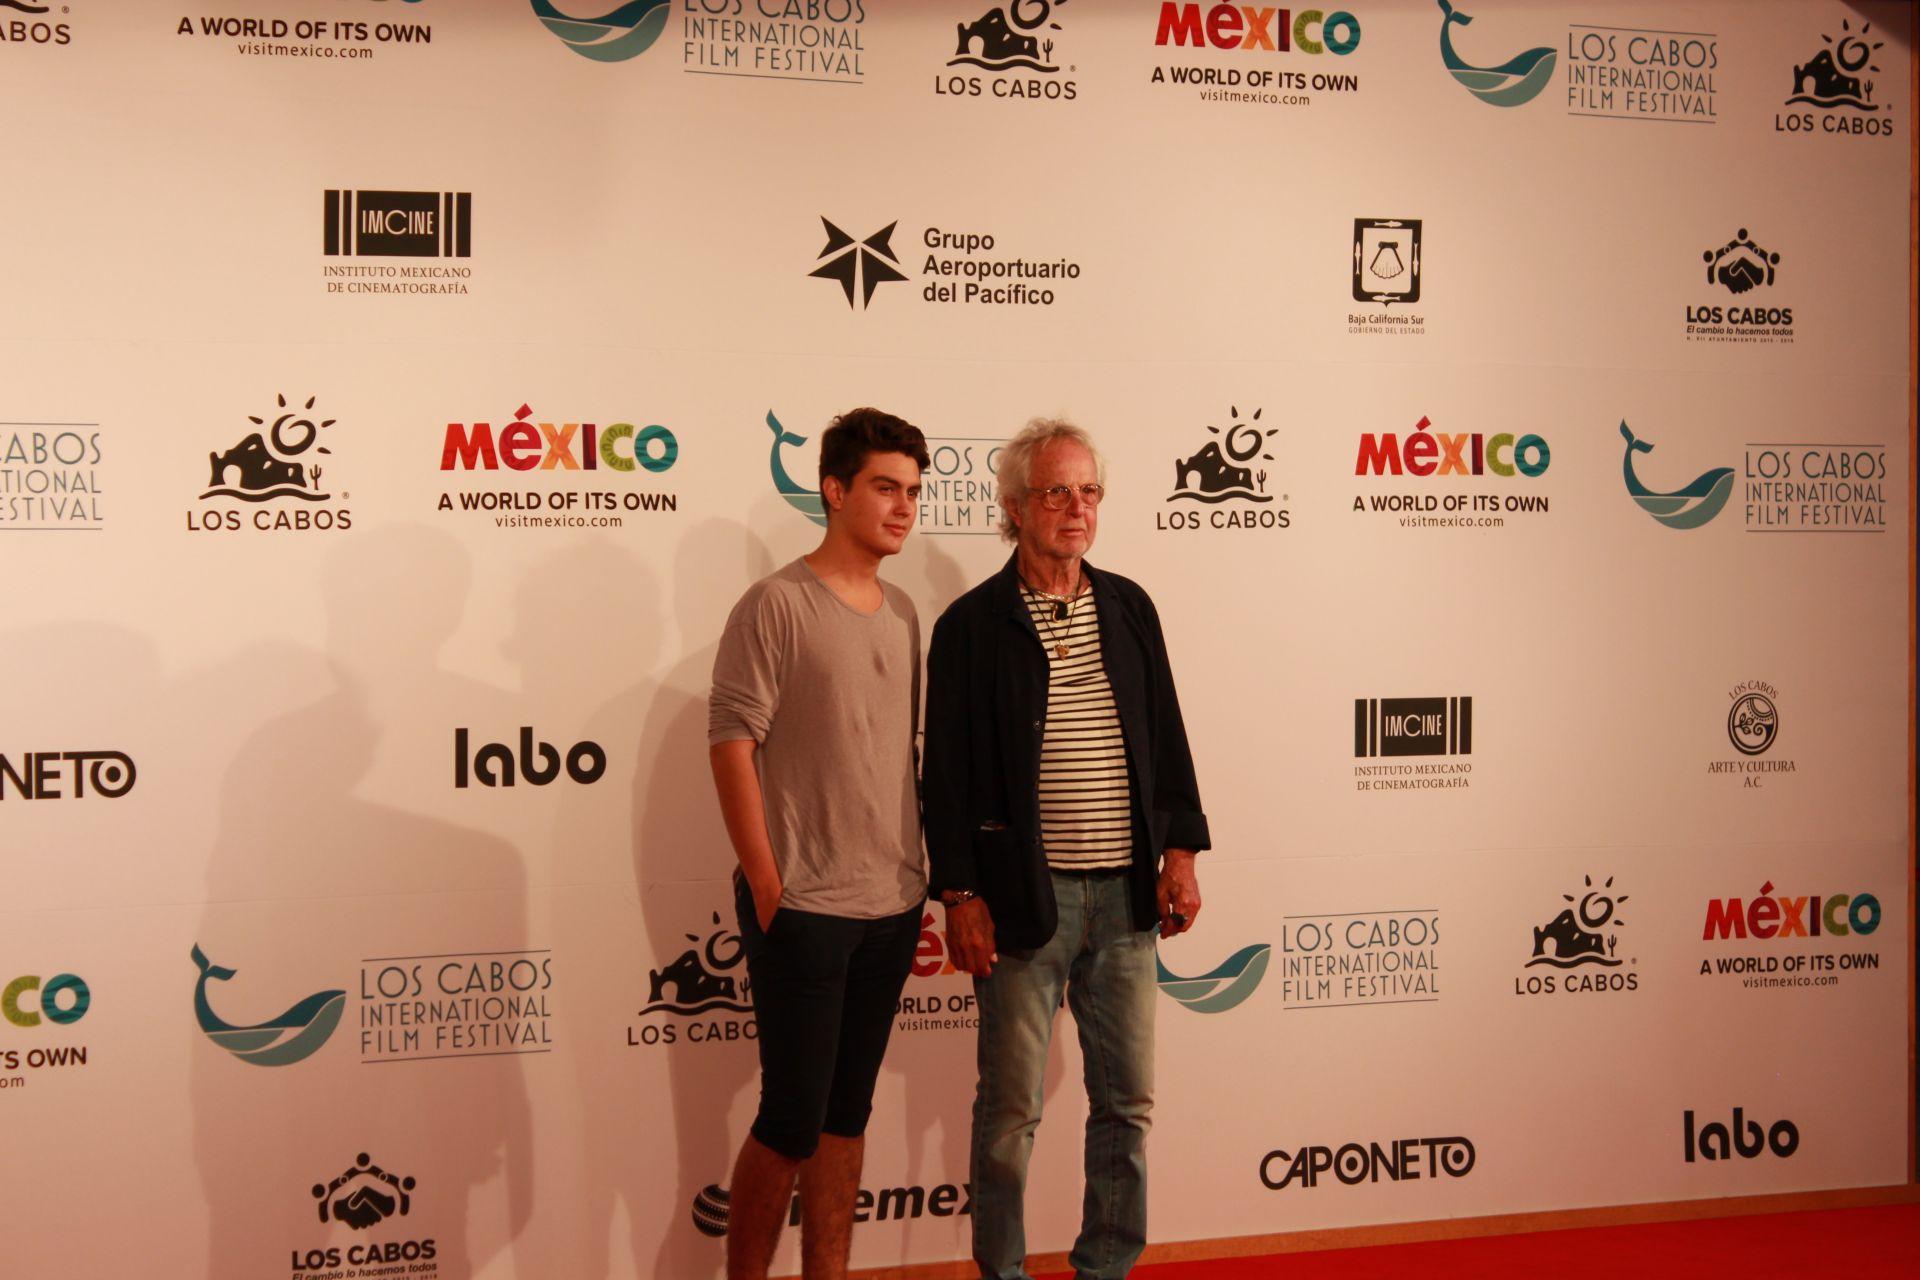 los-cabos-film-festival-gala-06